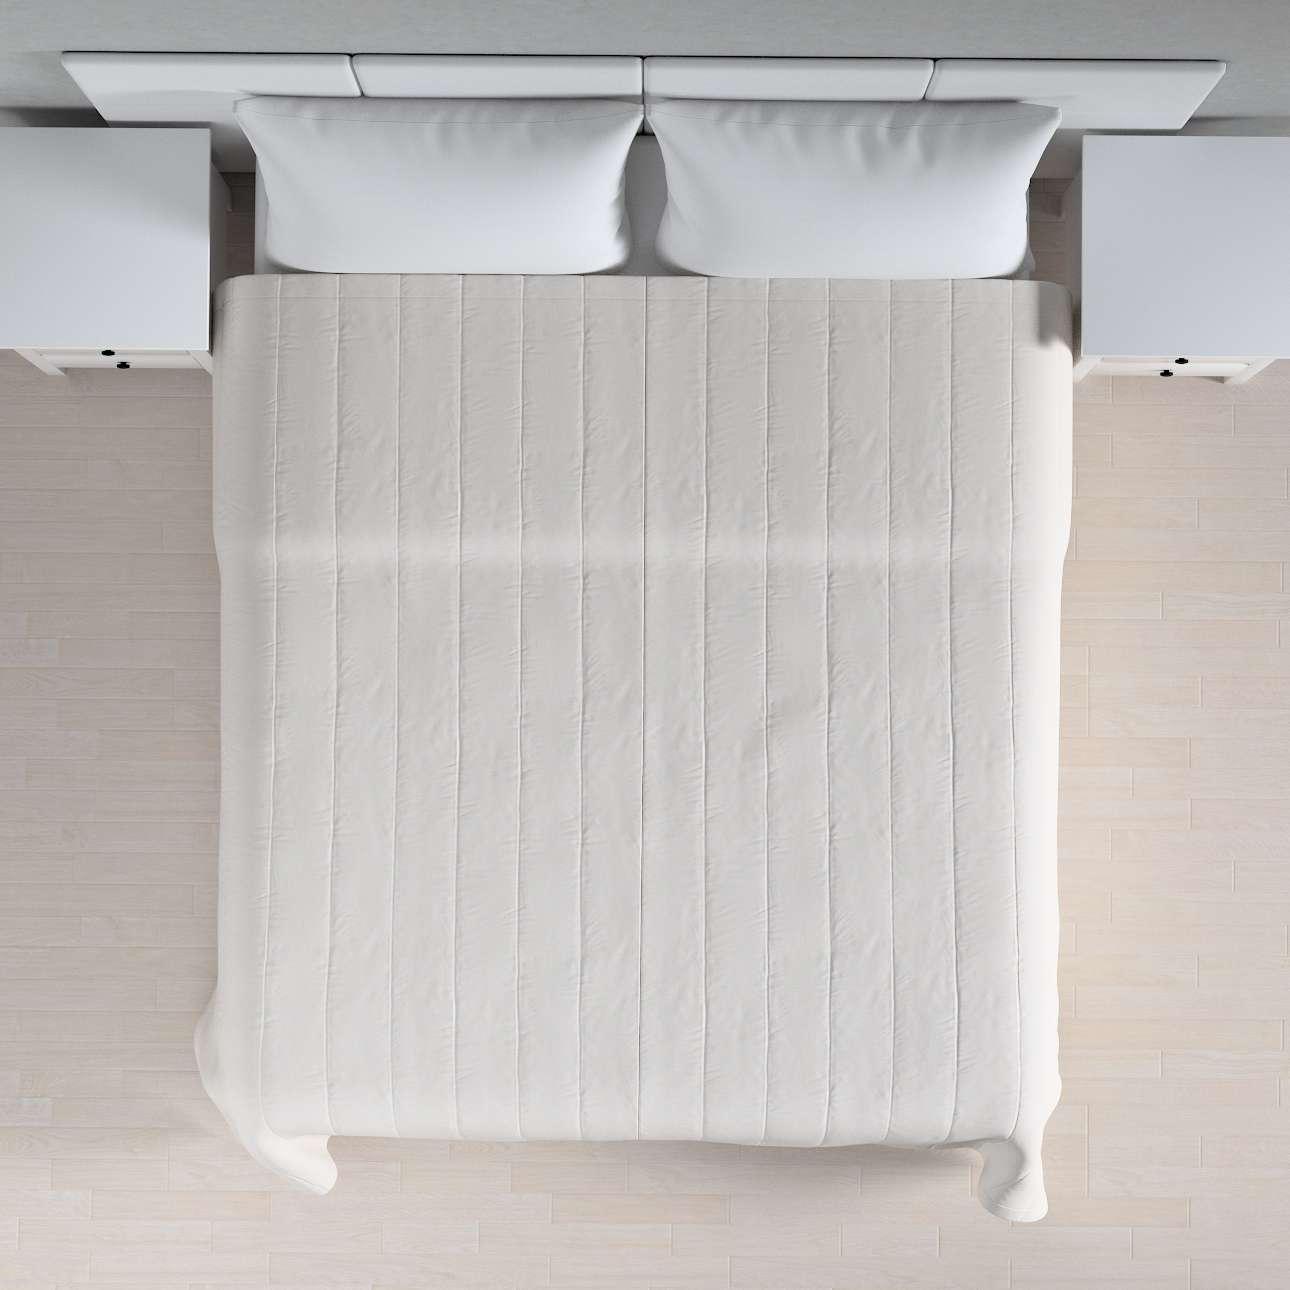 Einfacher Überwurf 260 x 210 cm von der Kollektion Leinen, Stoff: 392-04